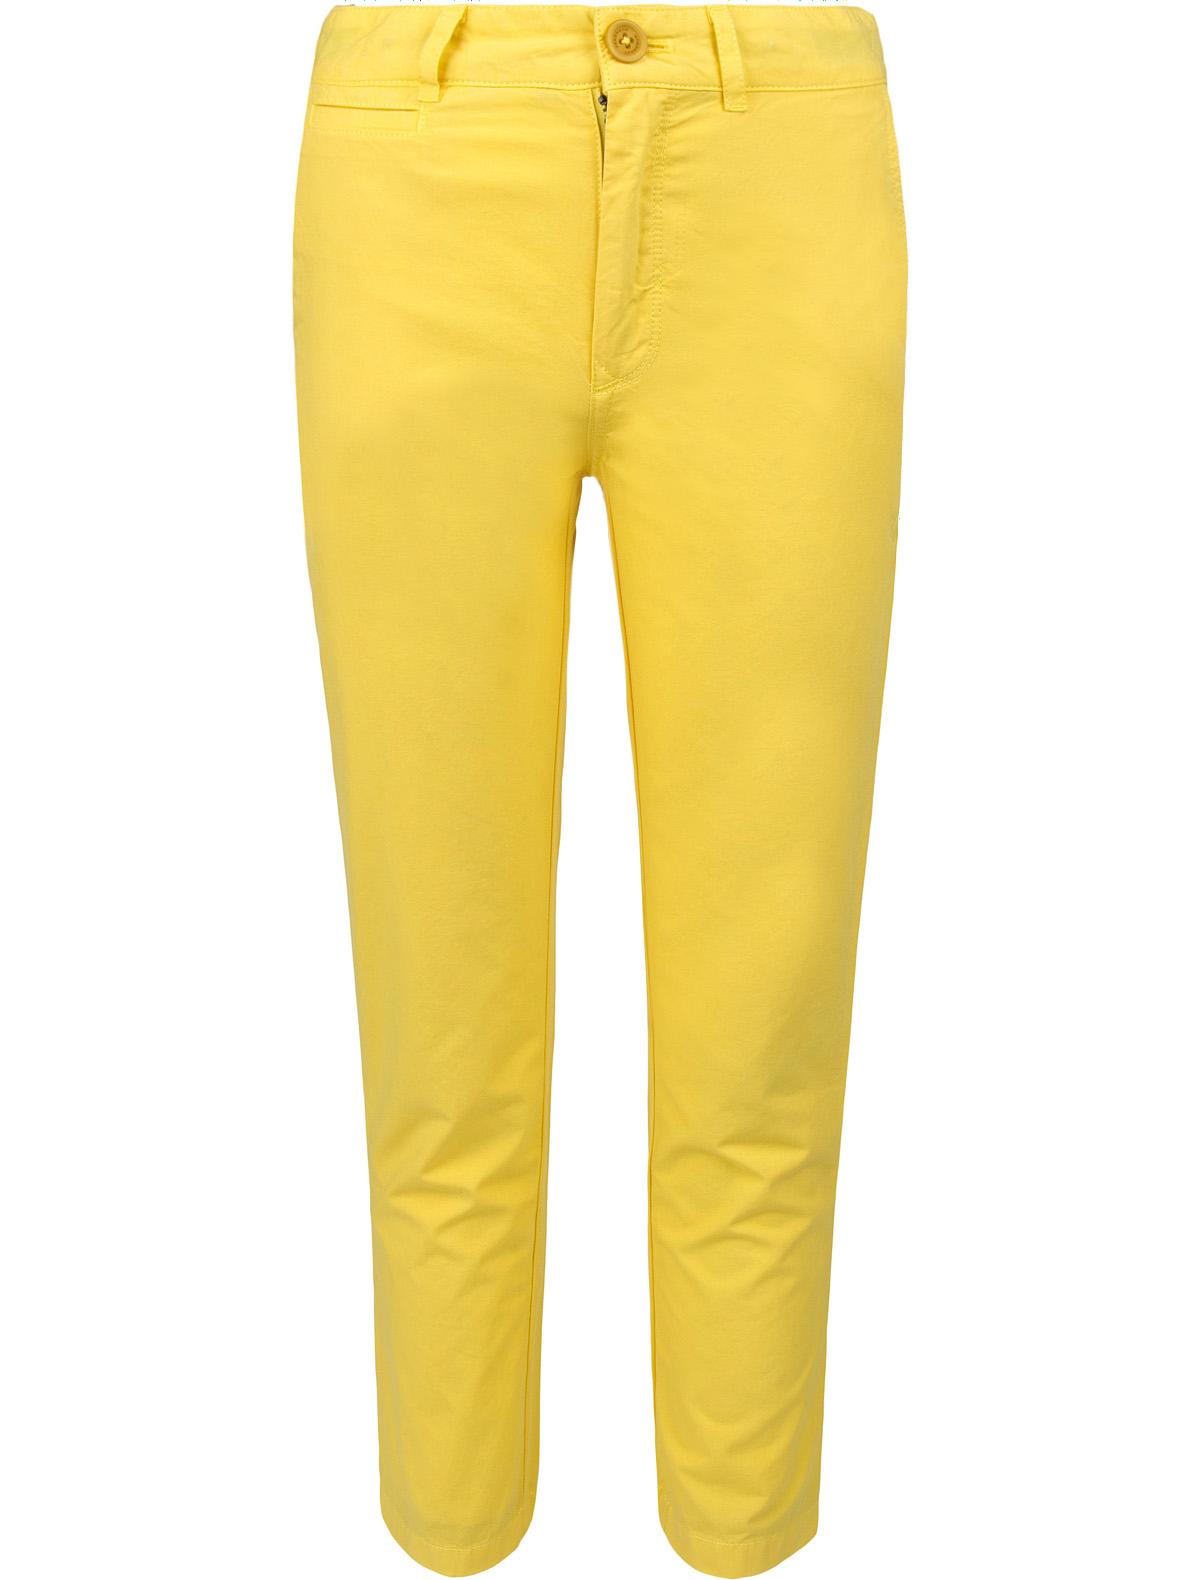 Купить 1878391, Брюки Burberry, желтый, Мужской, 1082819770052